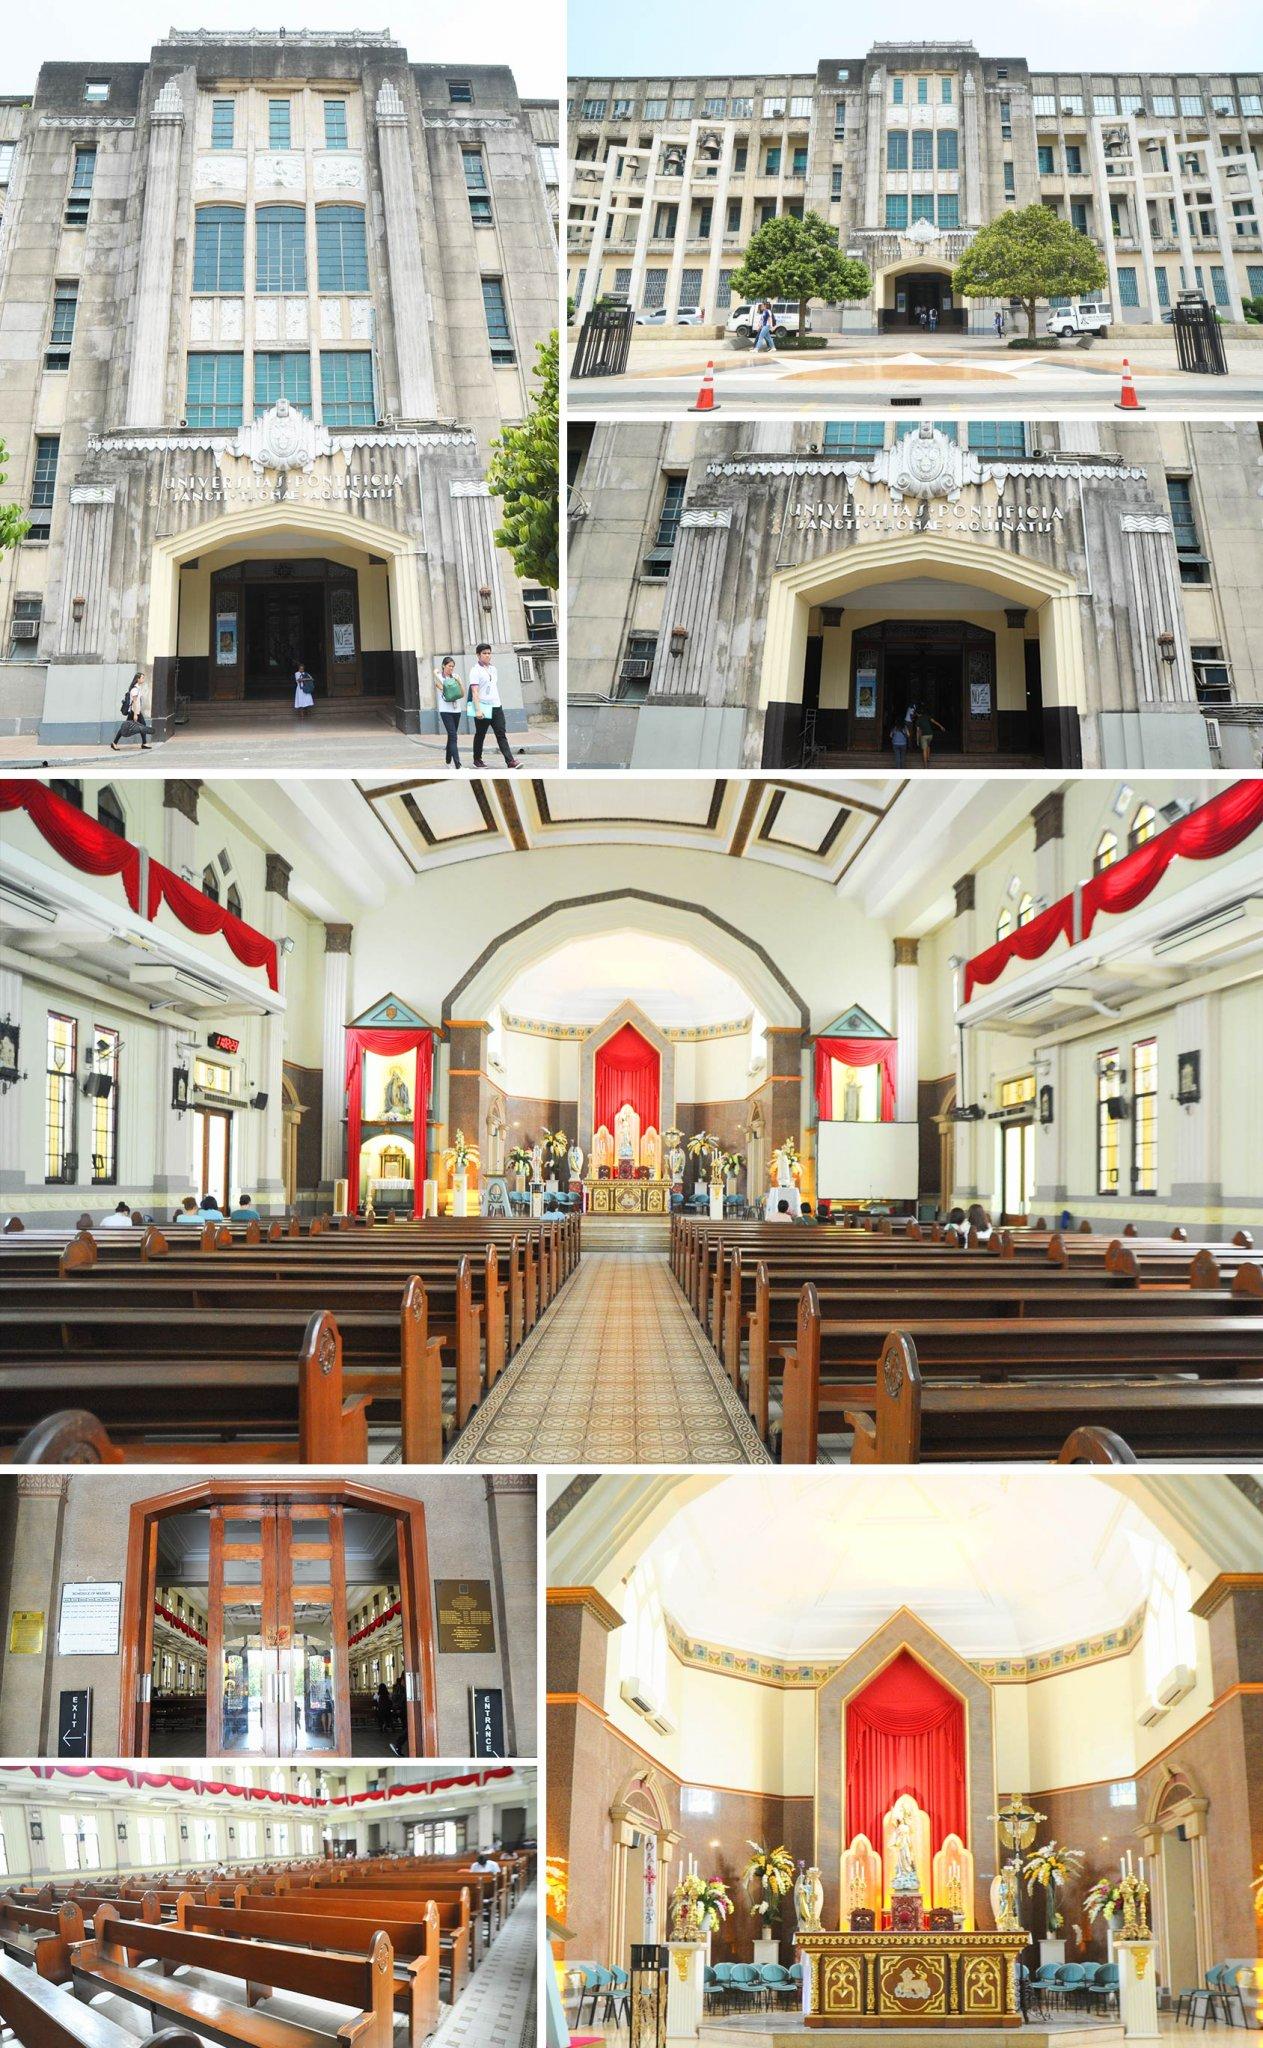 Santisimo Rosario Parish